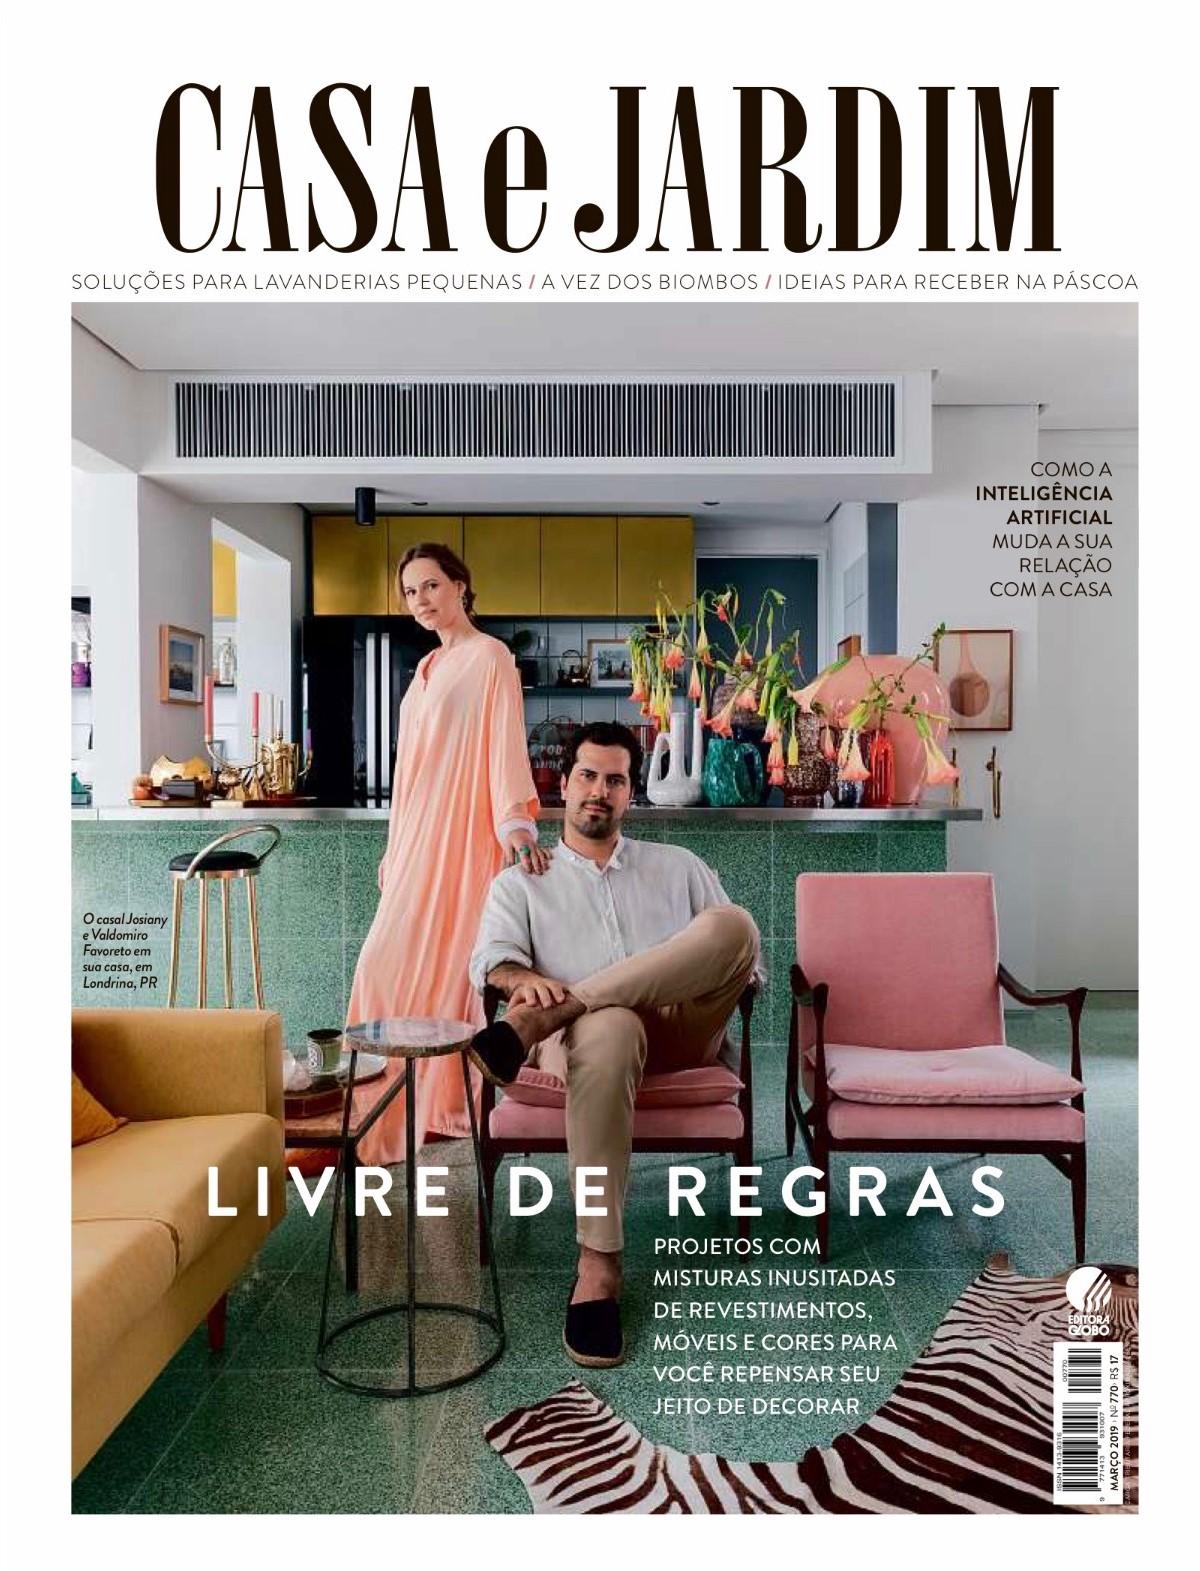 Casa e Jardim - Mar 2019 - Capa.JPG